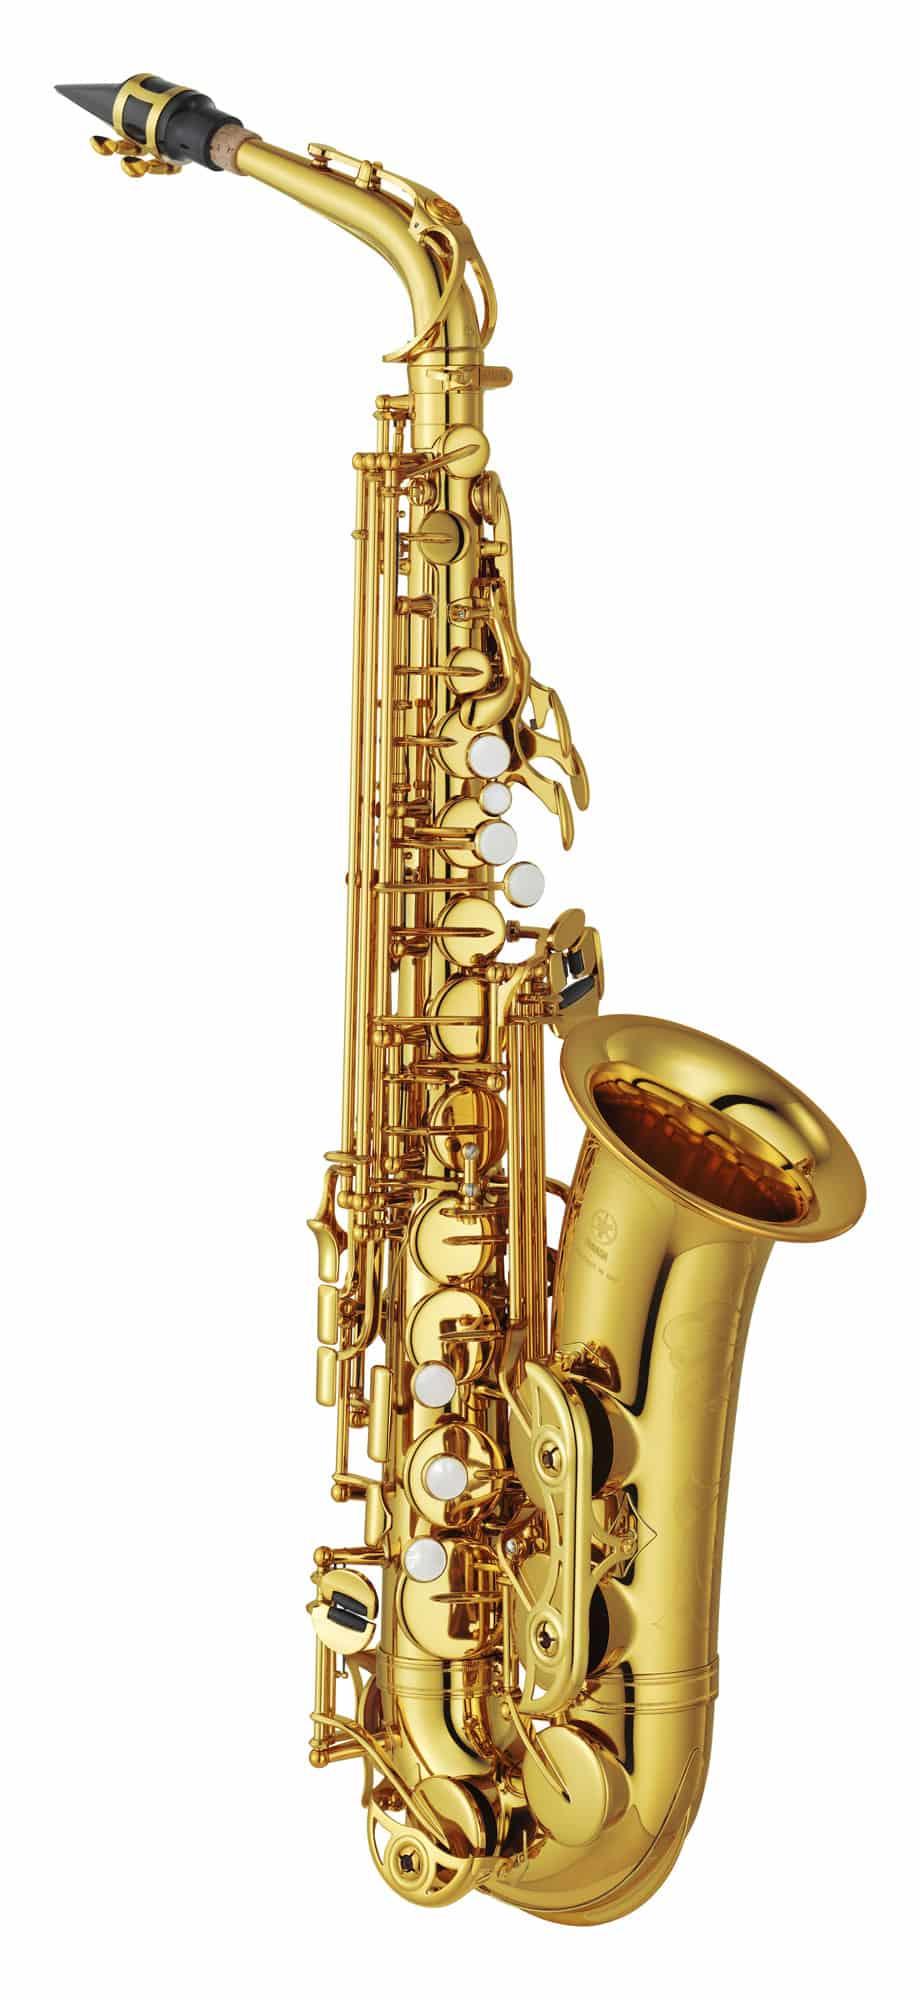 yamaha yas 62 altsaxophon goldlack. Black Bedroom Furniture Sets. Home Design Ideas